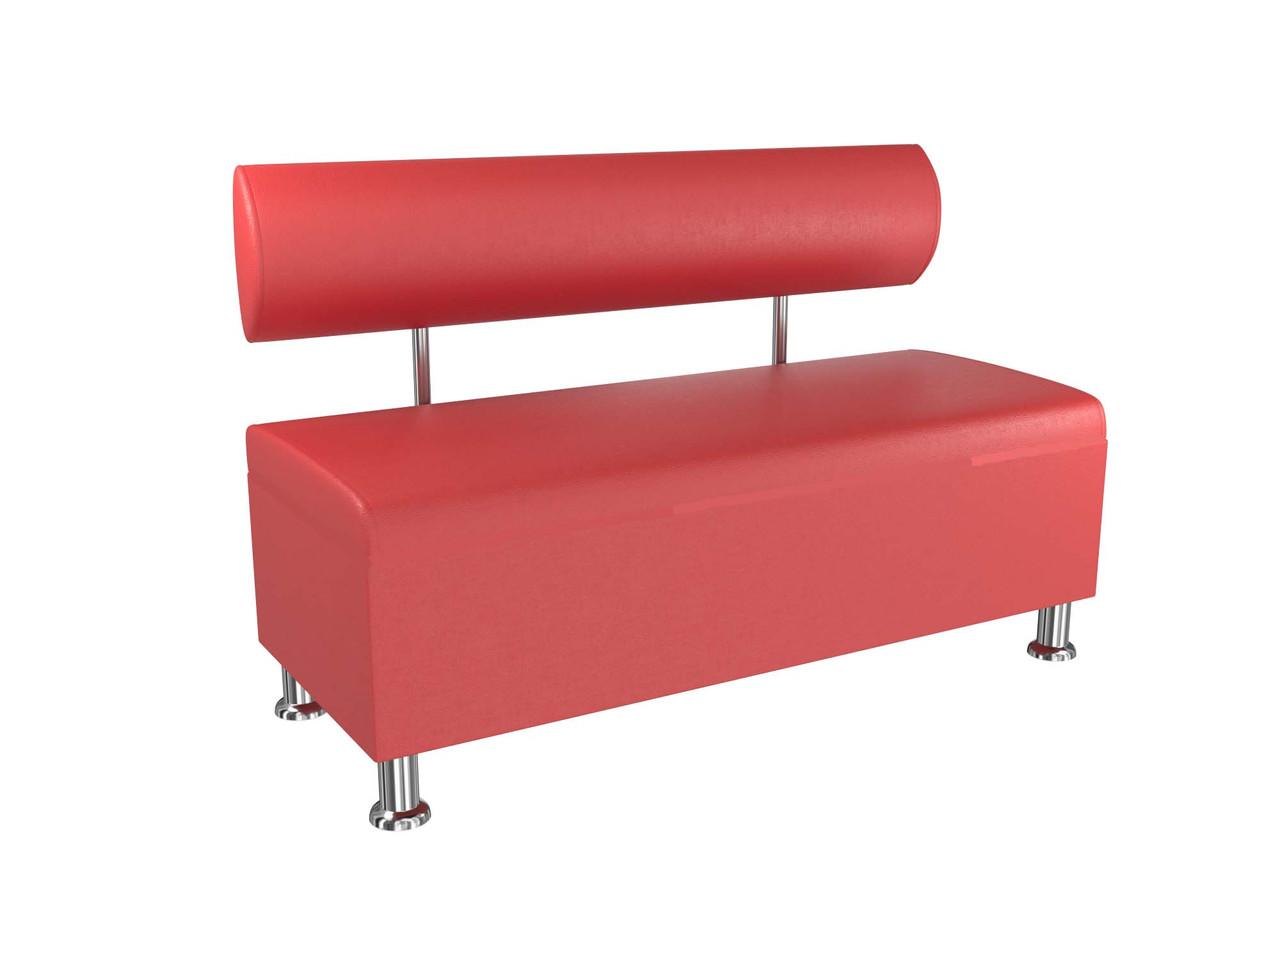 Диван BNB Solo PLUS 1200x540x750 червоний. Для школи, лікарні, адміністратора, очікування